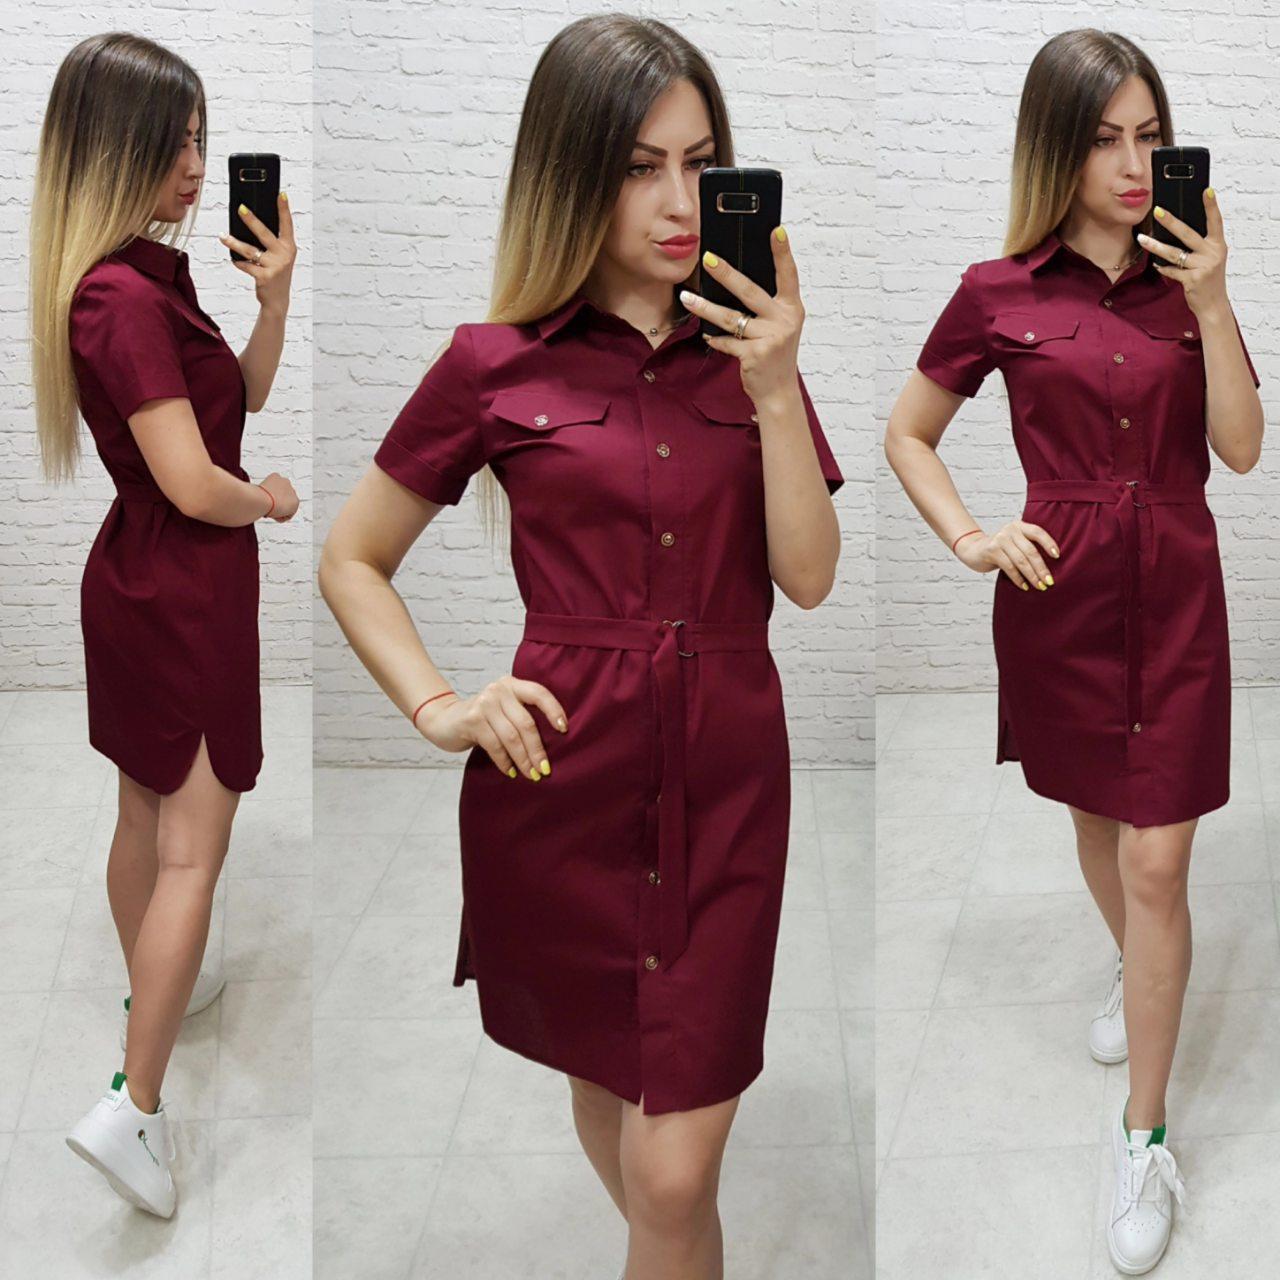 Сукня - сорочка з поясом арт. 171 бордового кольору / бордо / марсала / вишня